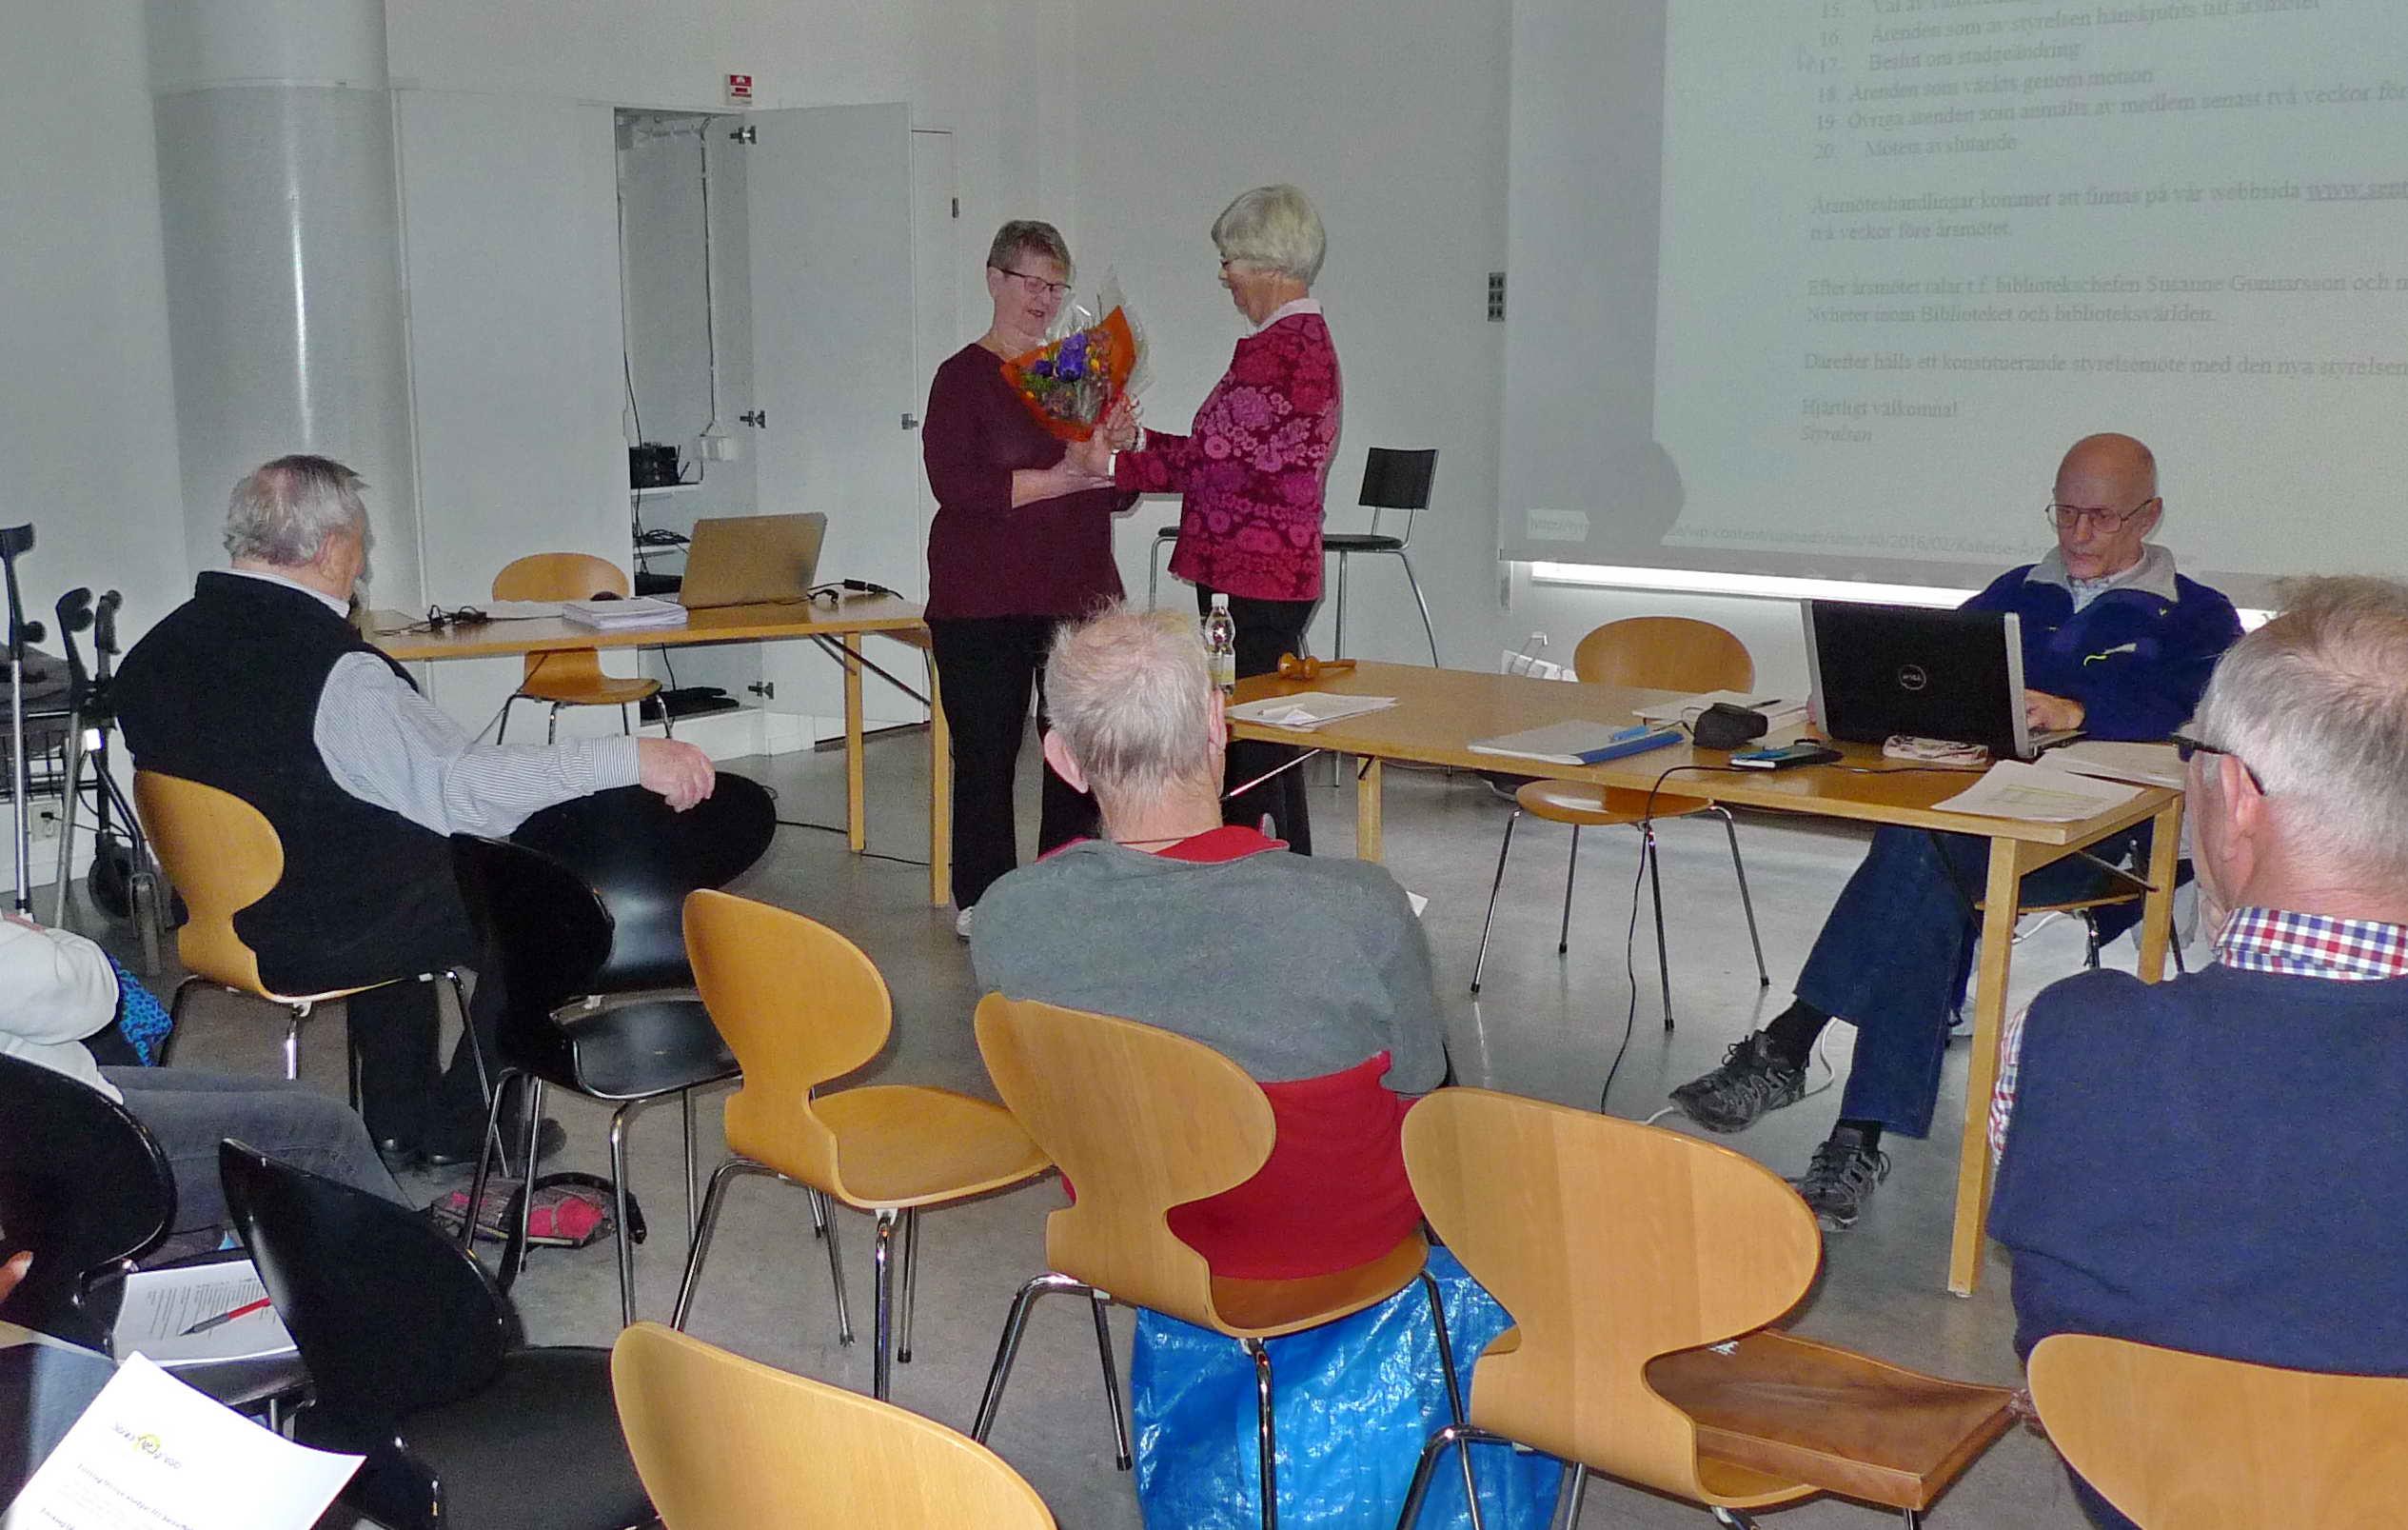 160317_06 Årsmöte SeniorNet Tyresö - Anne Johansson avtackas